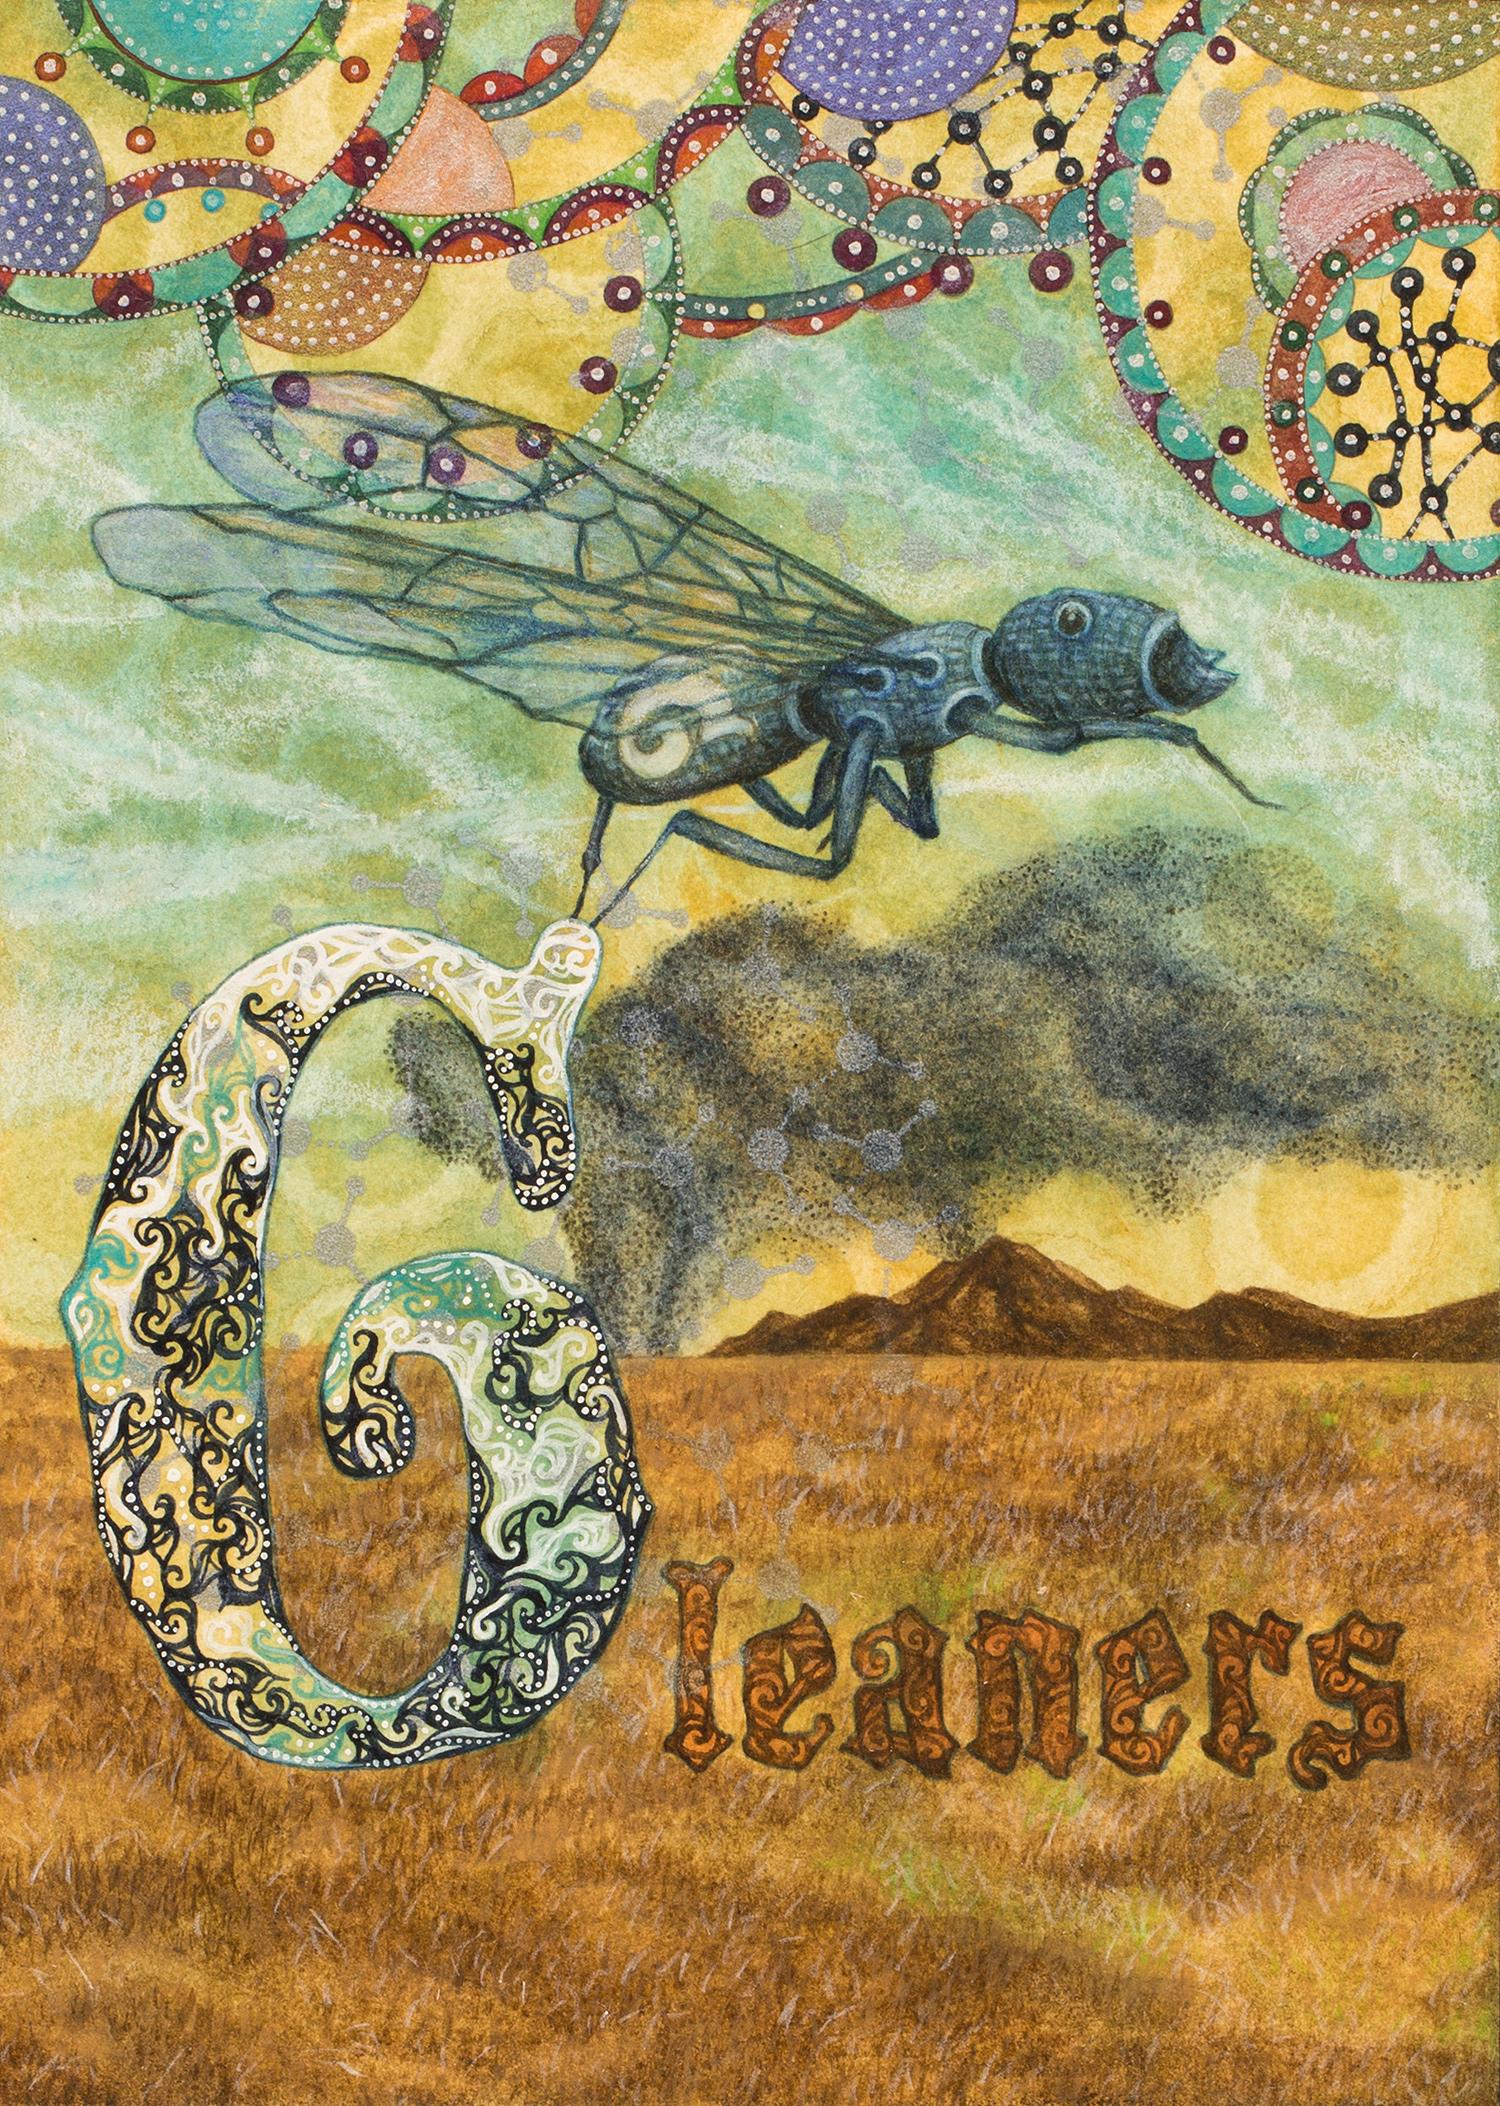 Gleaners